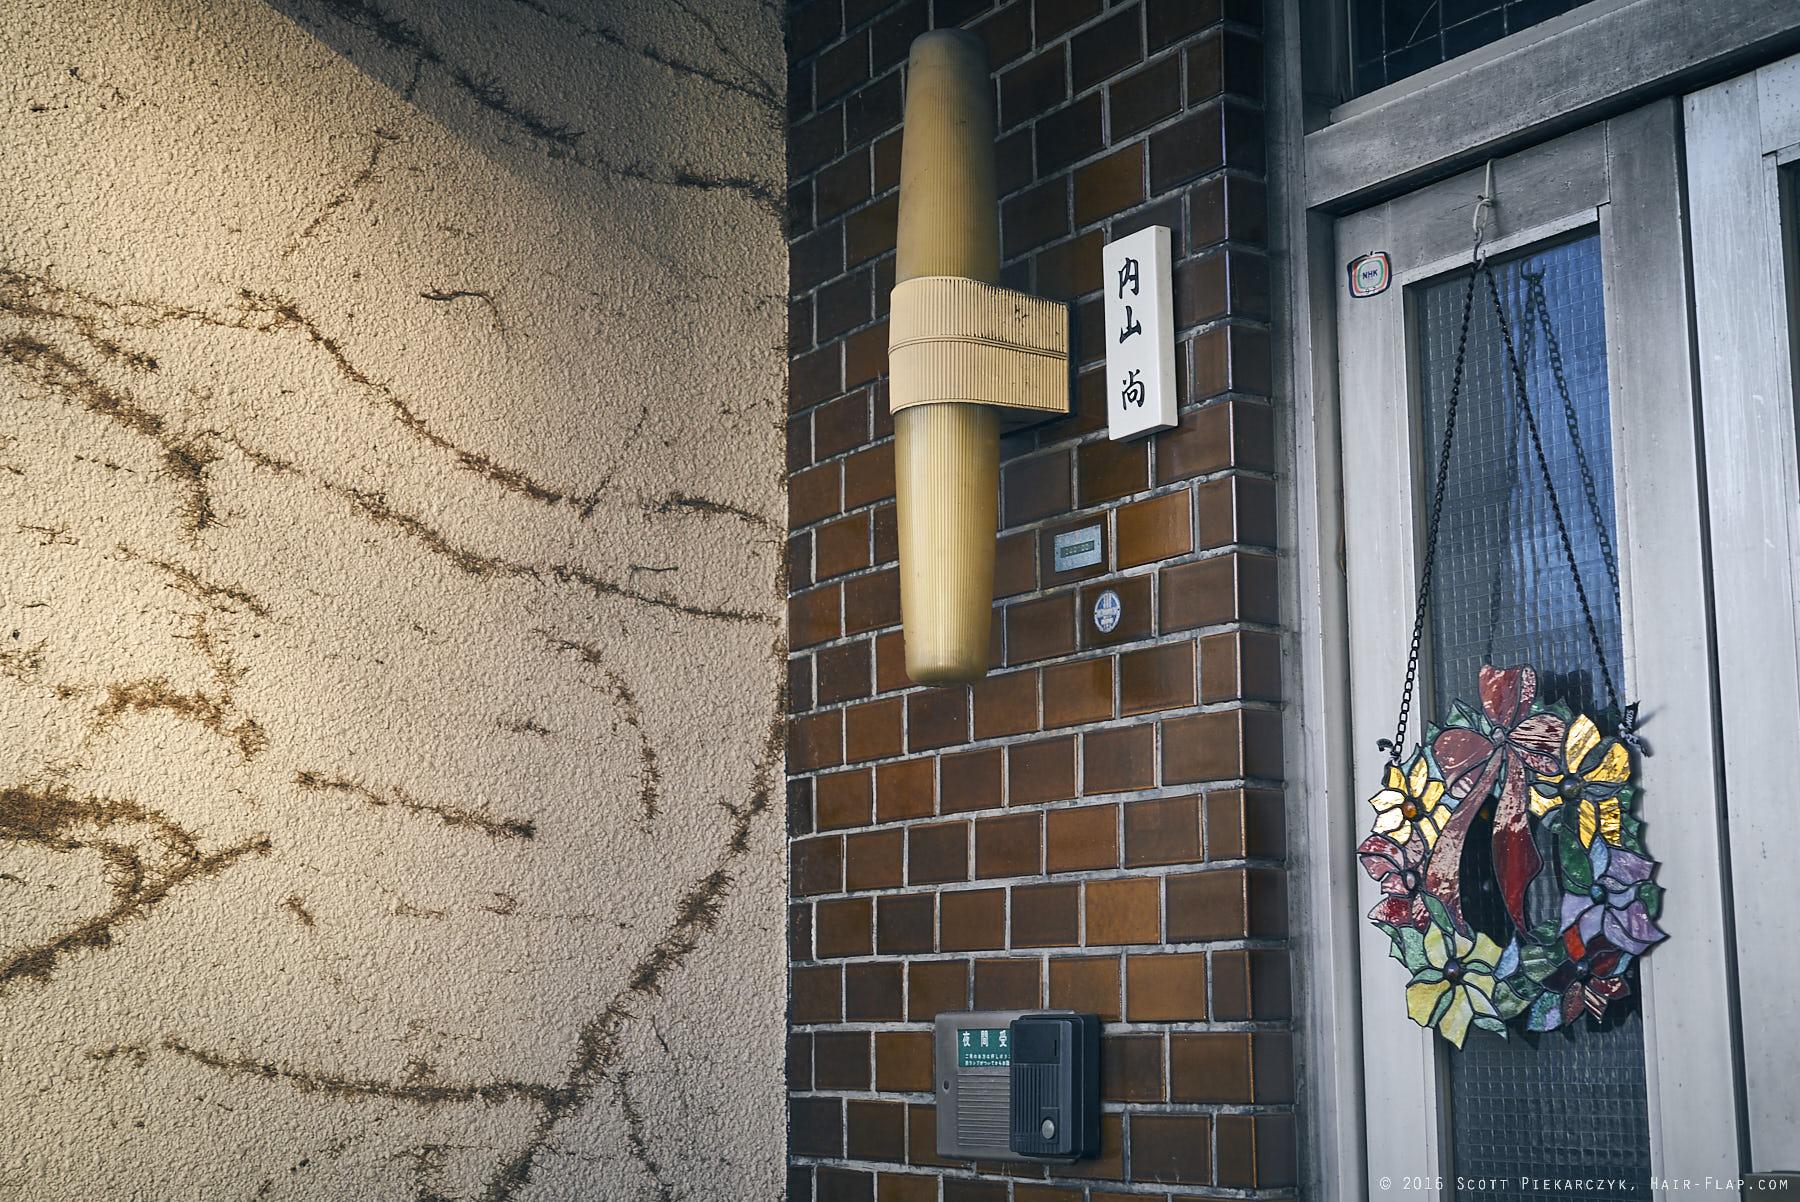 B-Sides: Streets of Sendai